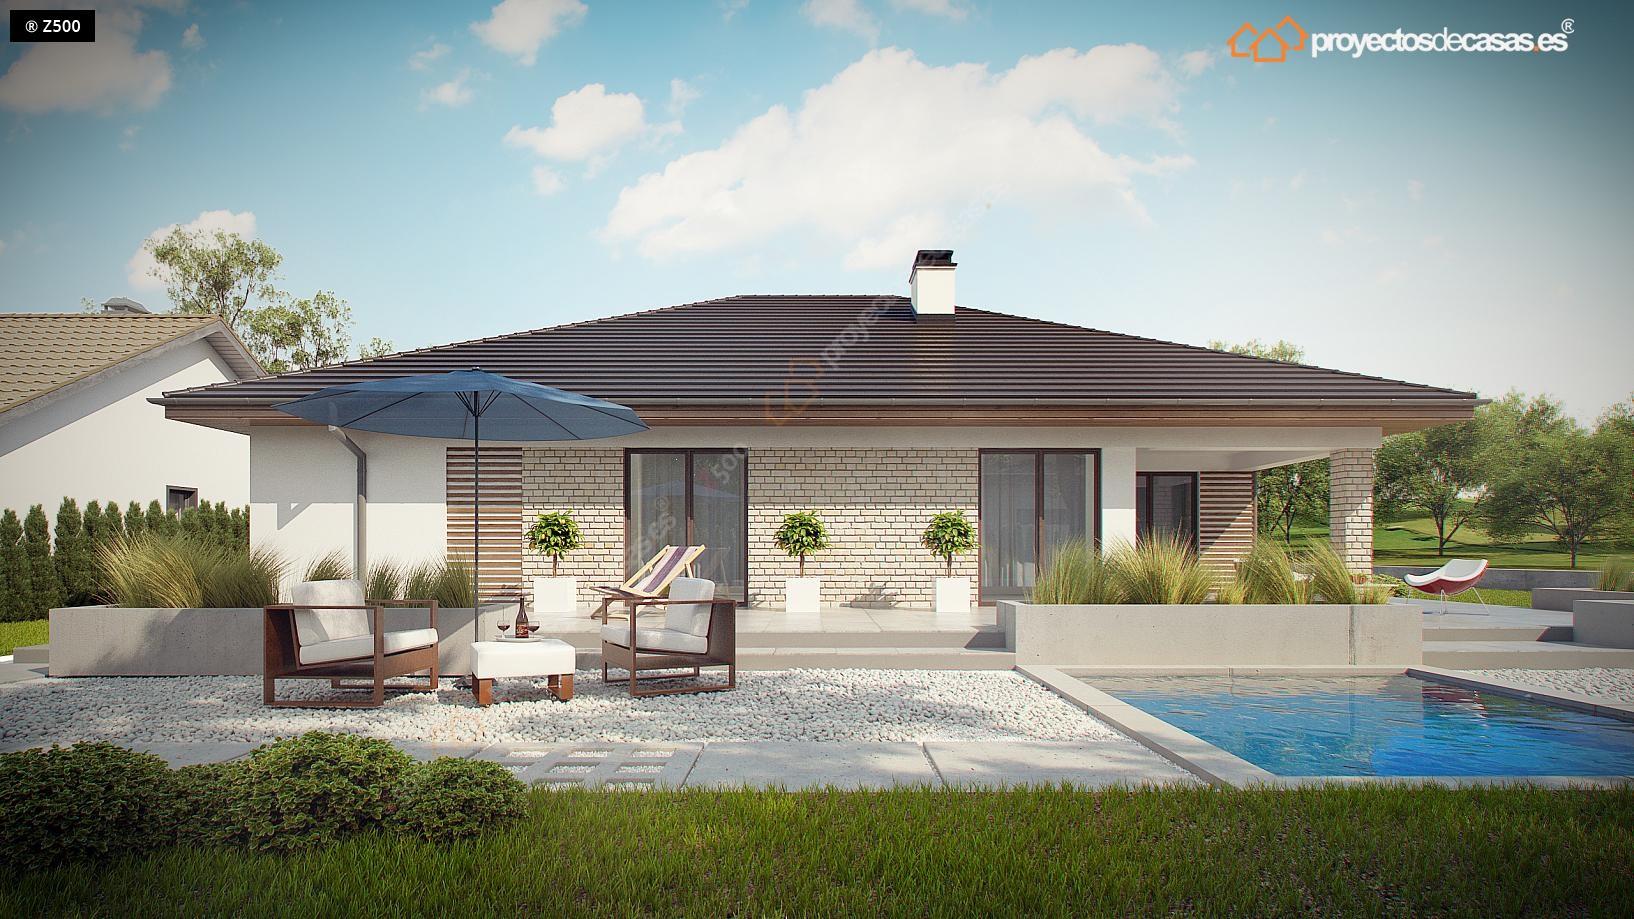 Proyectos de casas casa tradicional proyectosdecasas for Diseno casa planta baja